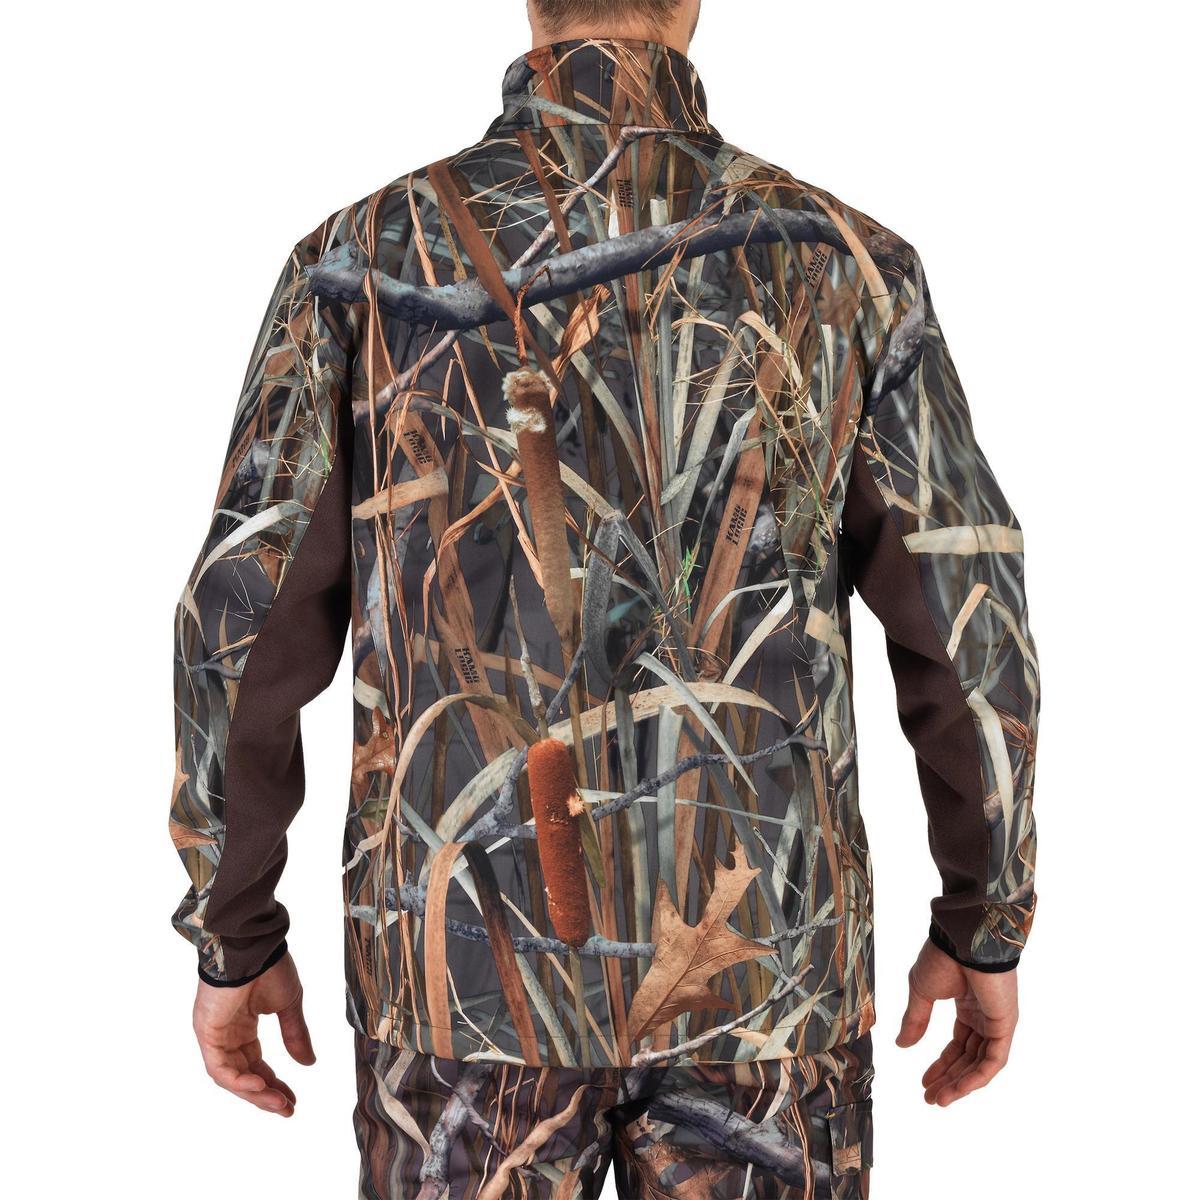 Bild 3 von Jagd-Softshelljacke 500 Duck Camouflage Schilf